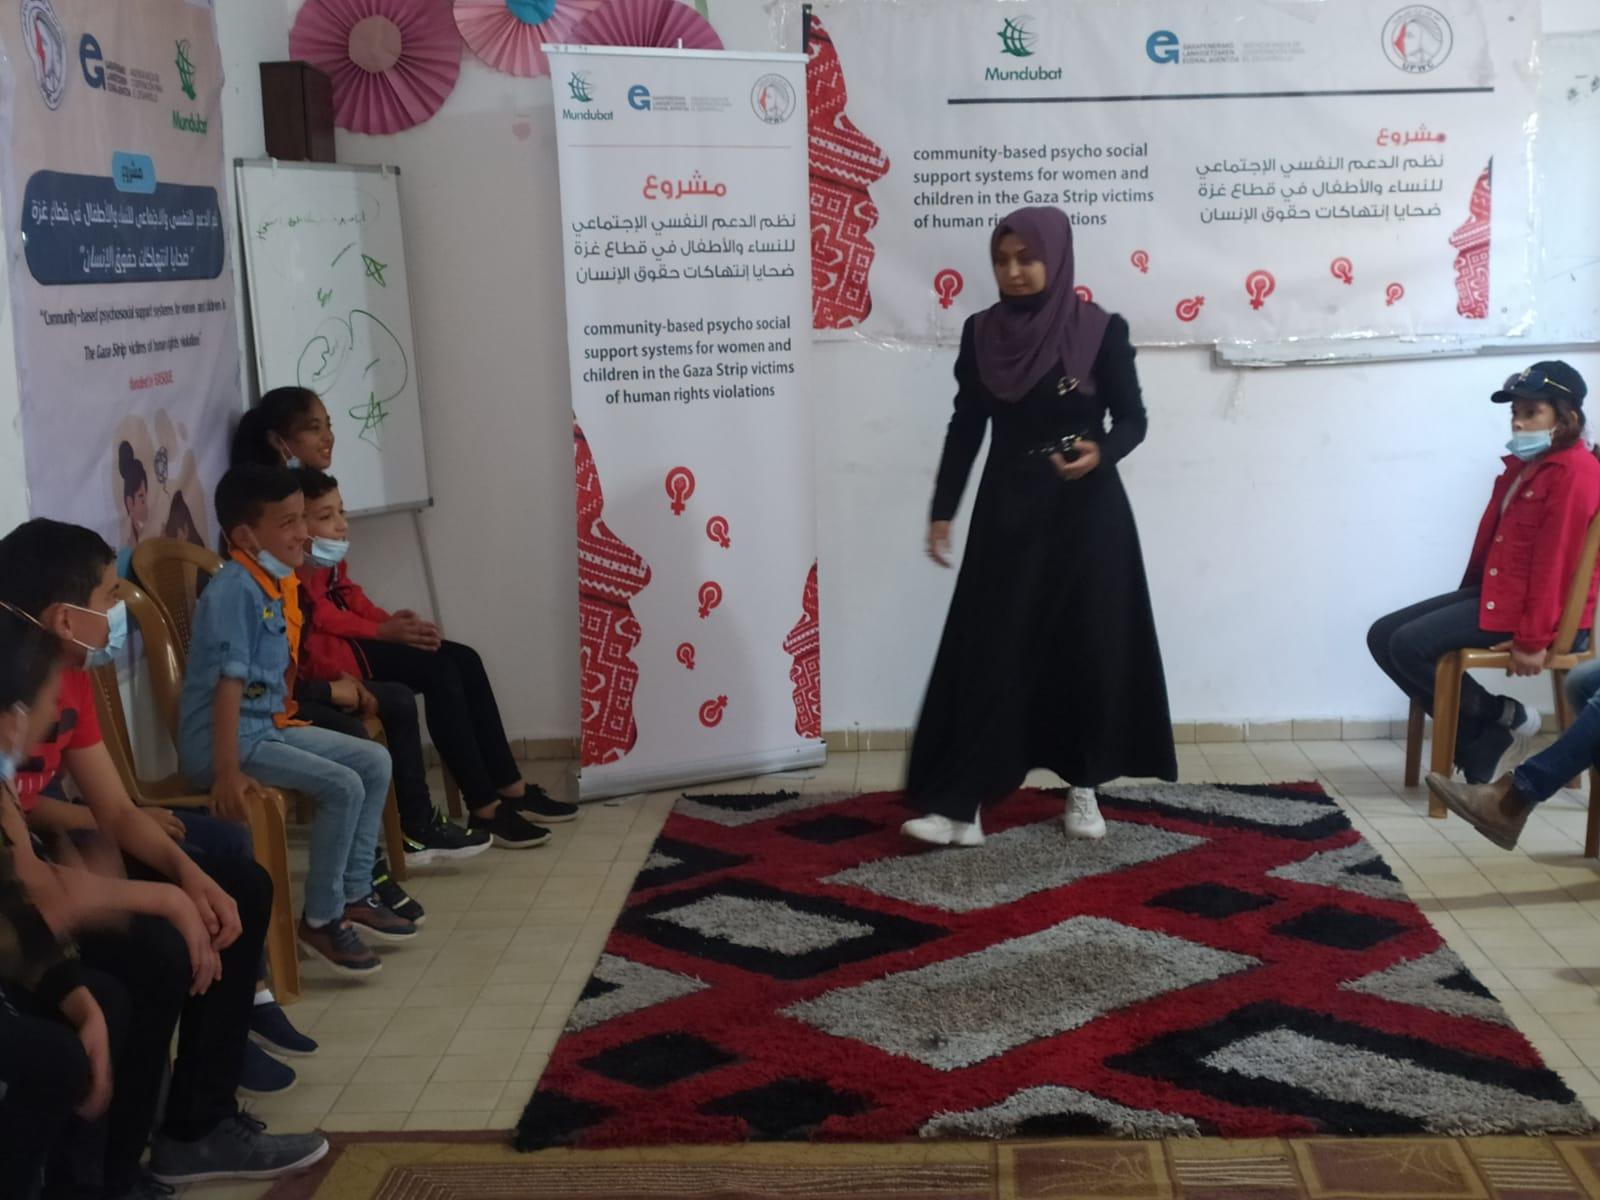 جانب من جلسات التفريغ النفسي للأطفال بعد العدوان الاخير على قطاع غزة